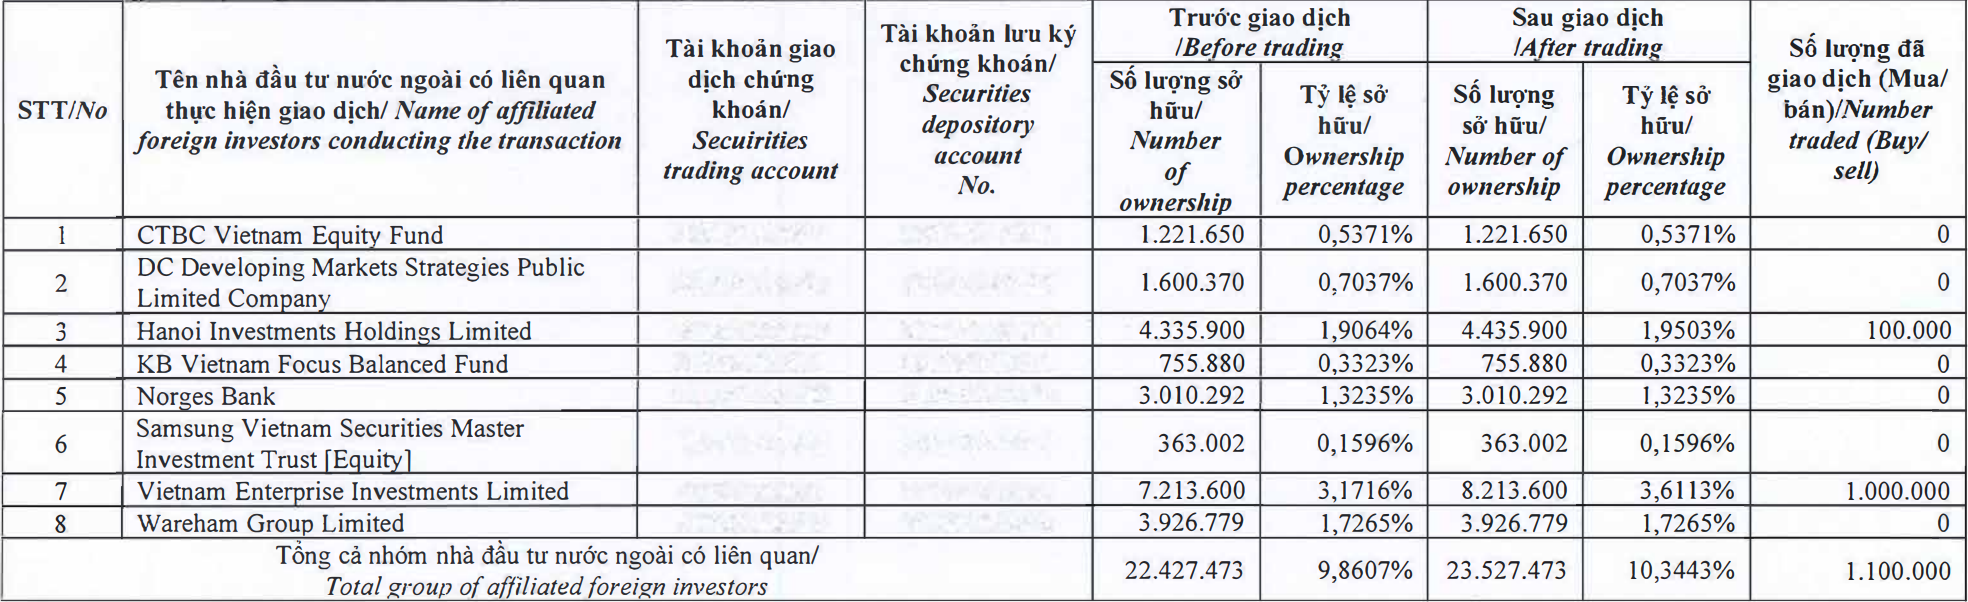 Dragon Capital tăng tỷ lệ sở hữu tại PNJ lên 10% - Ảnh 1.